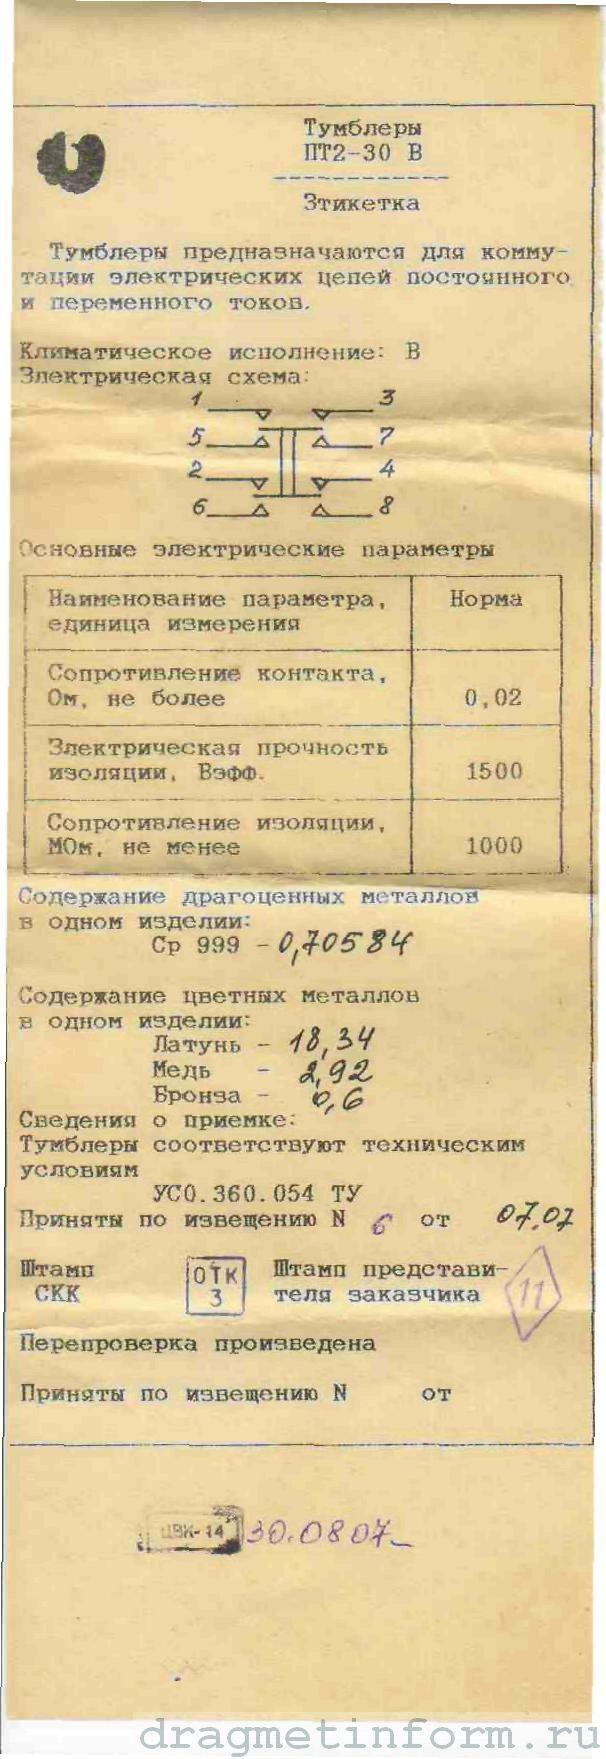 Формуляр ПТ2-30В